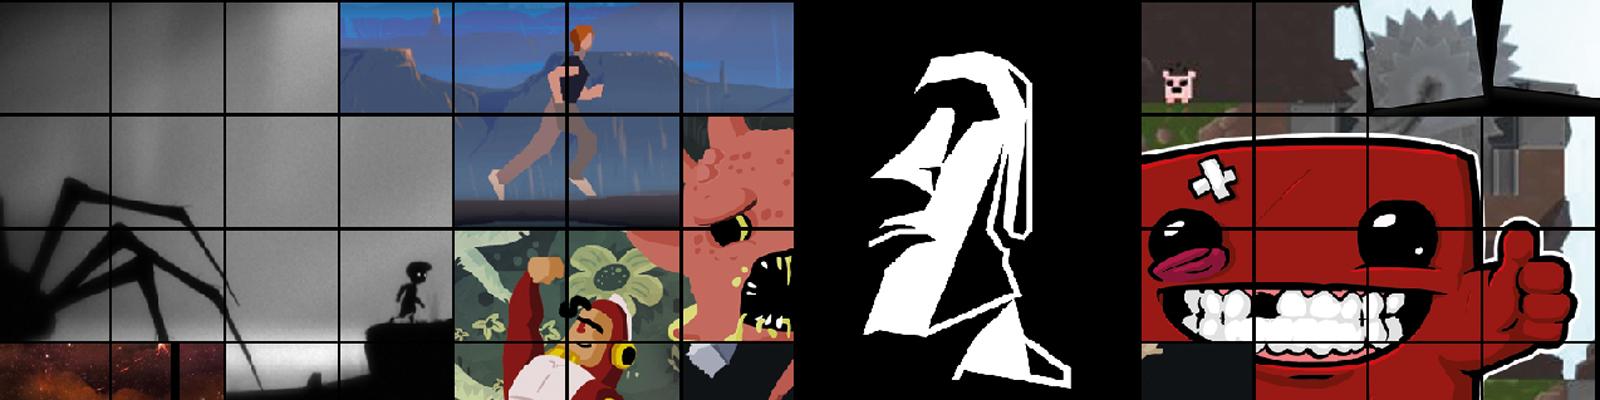 Banner Werbung von Headup Games